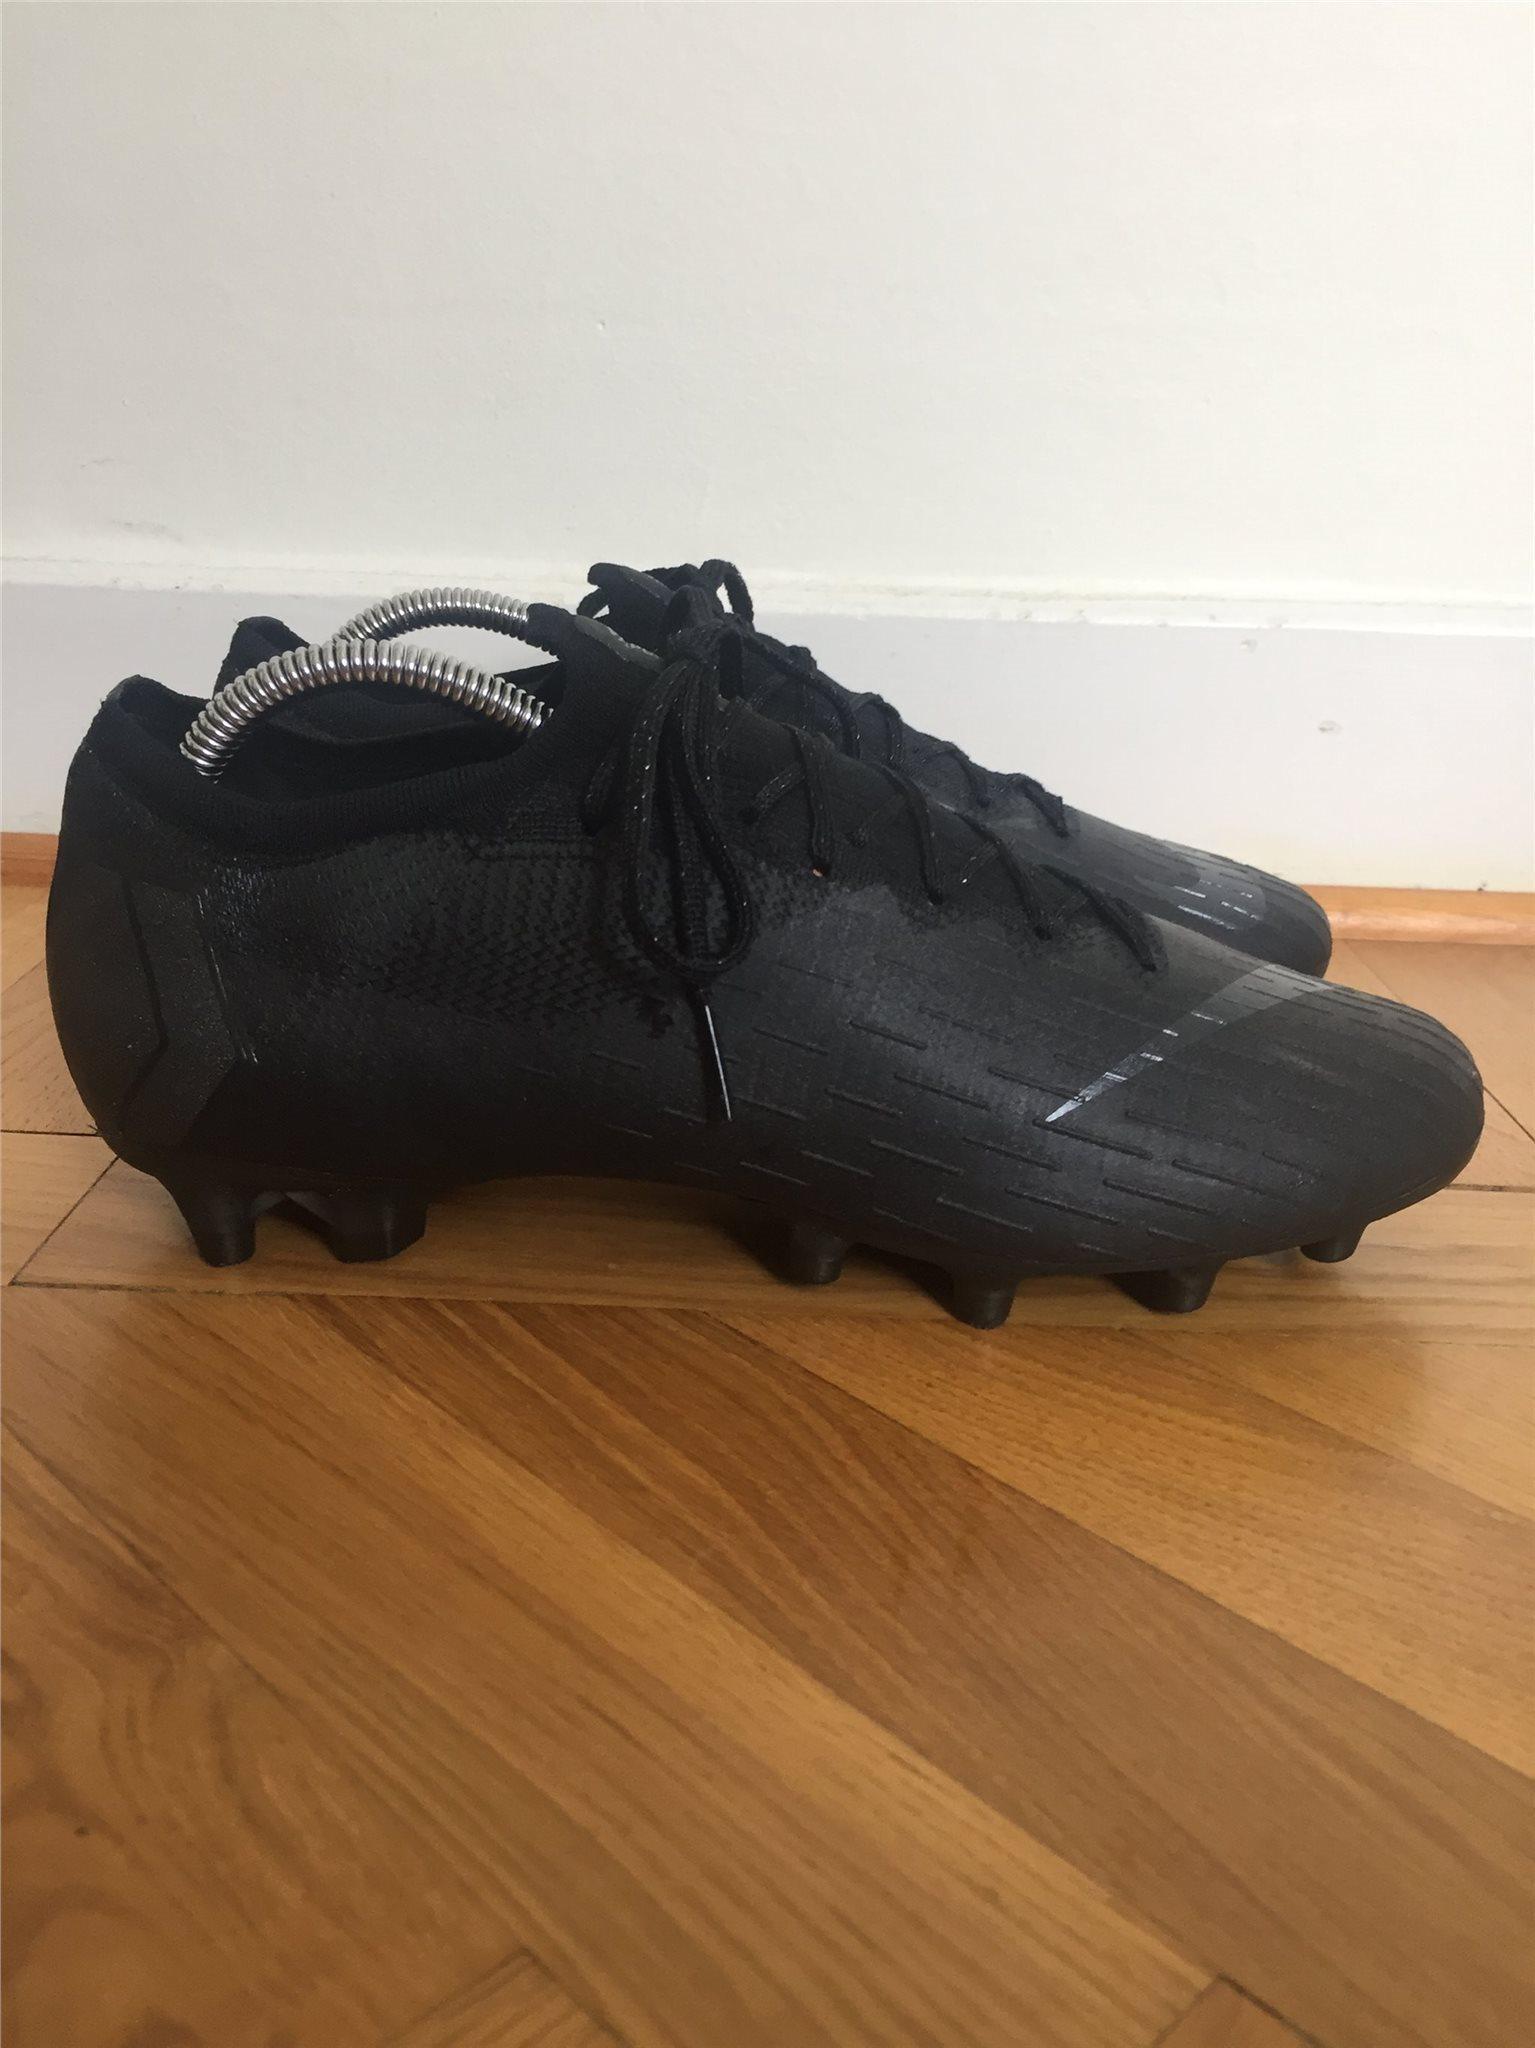 buy online 16e90 ad392 ... get nike mercurial vapor 360 elite ag pro fotbollsskor storlek 43 svart  42b74 9f05d